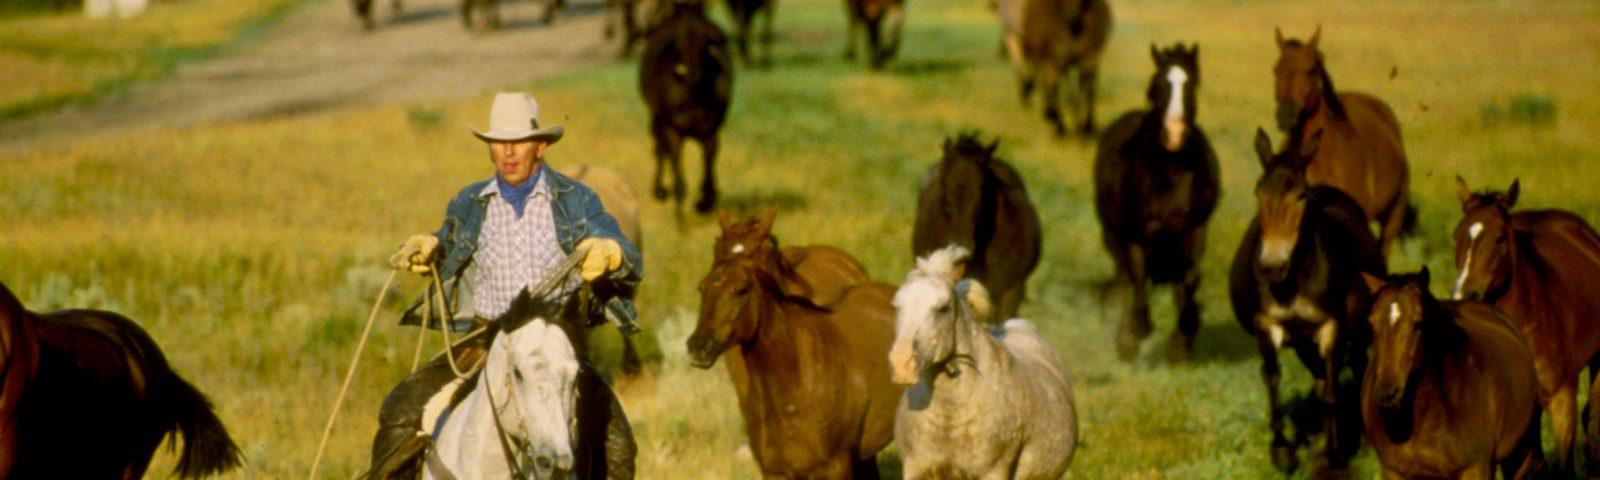 320Ranch Cowboy